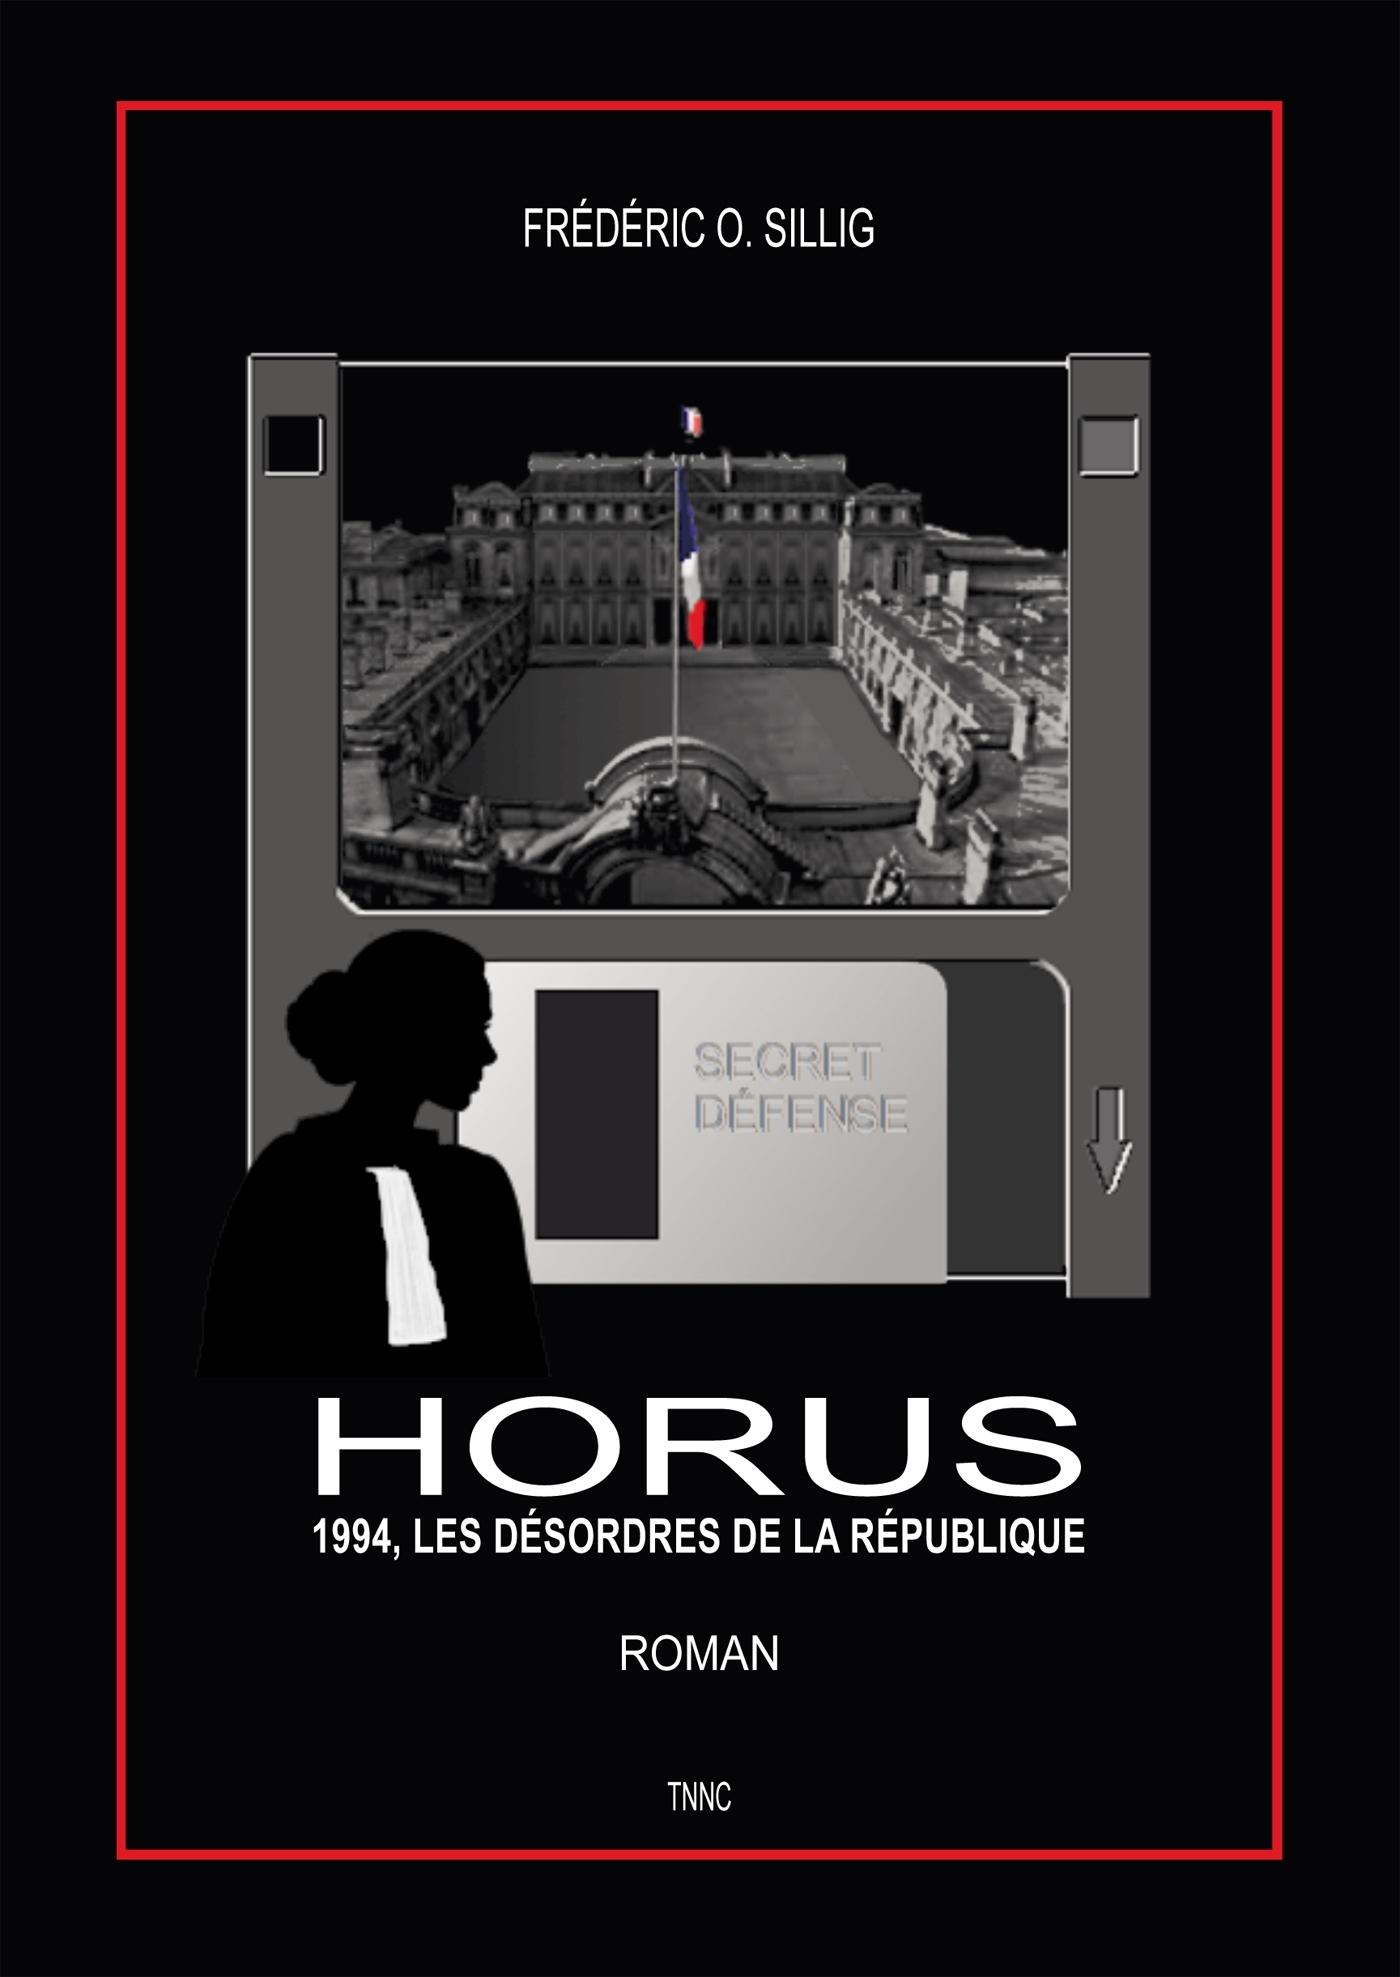 HORUS - 1994, LES DESORDRES DE LA REPUBLIQUE